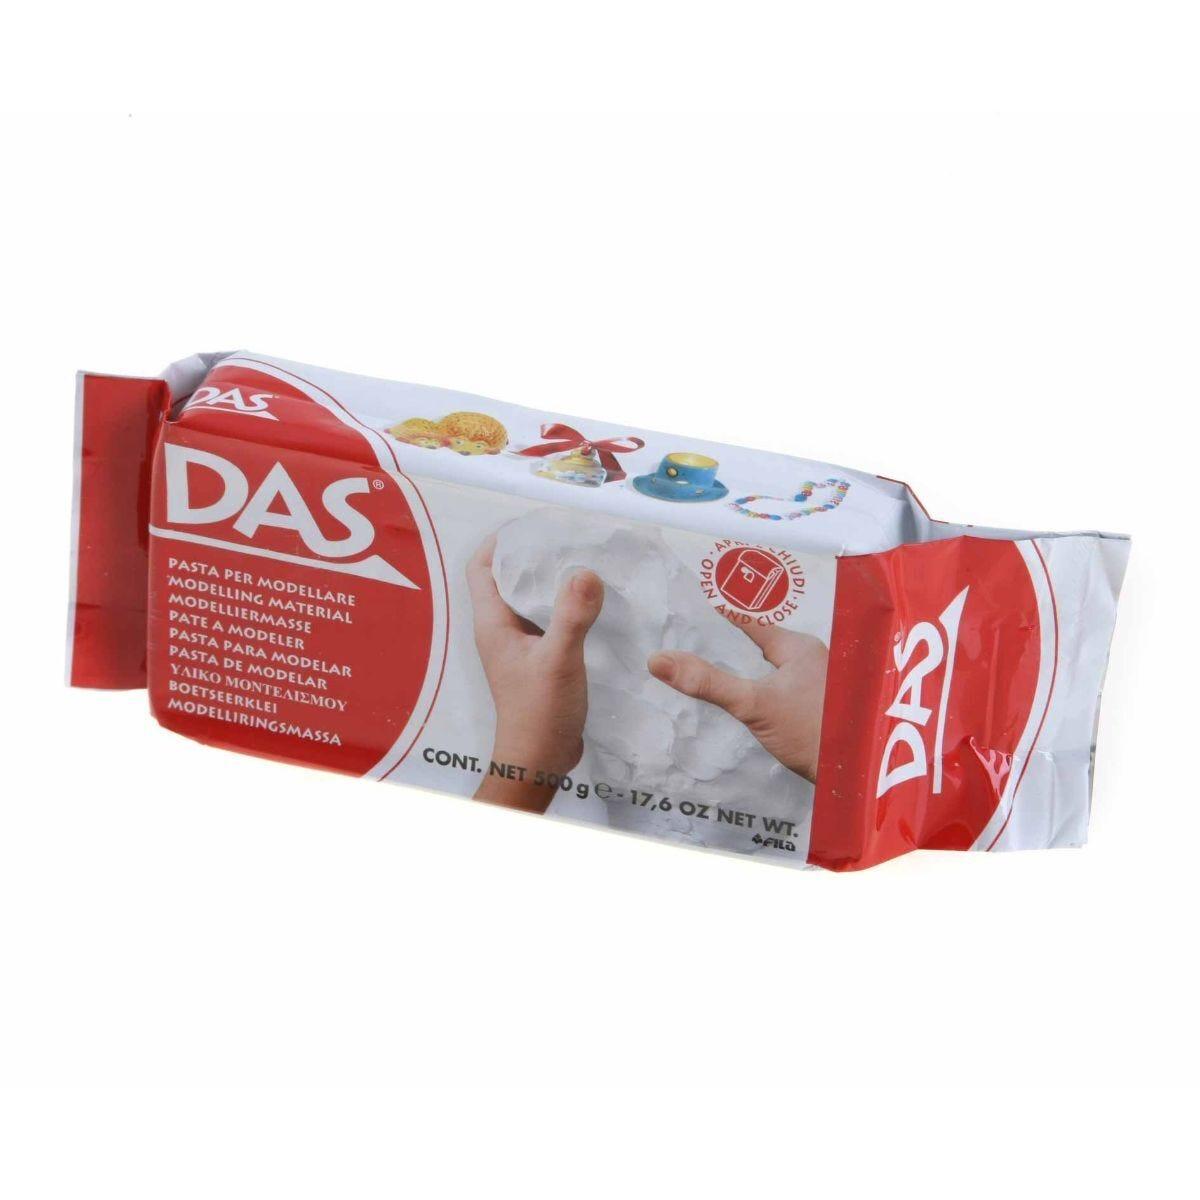 DAS Modelling Clay 500g